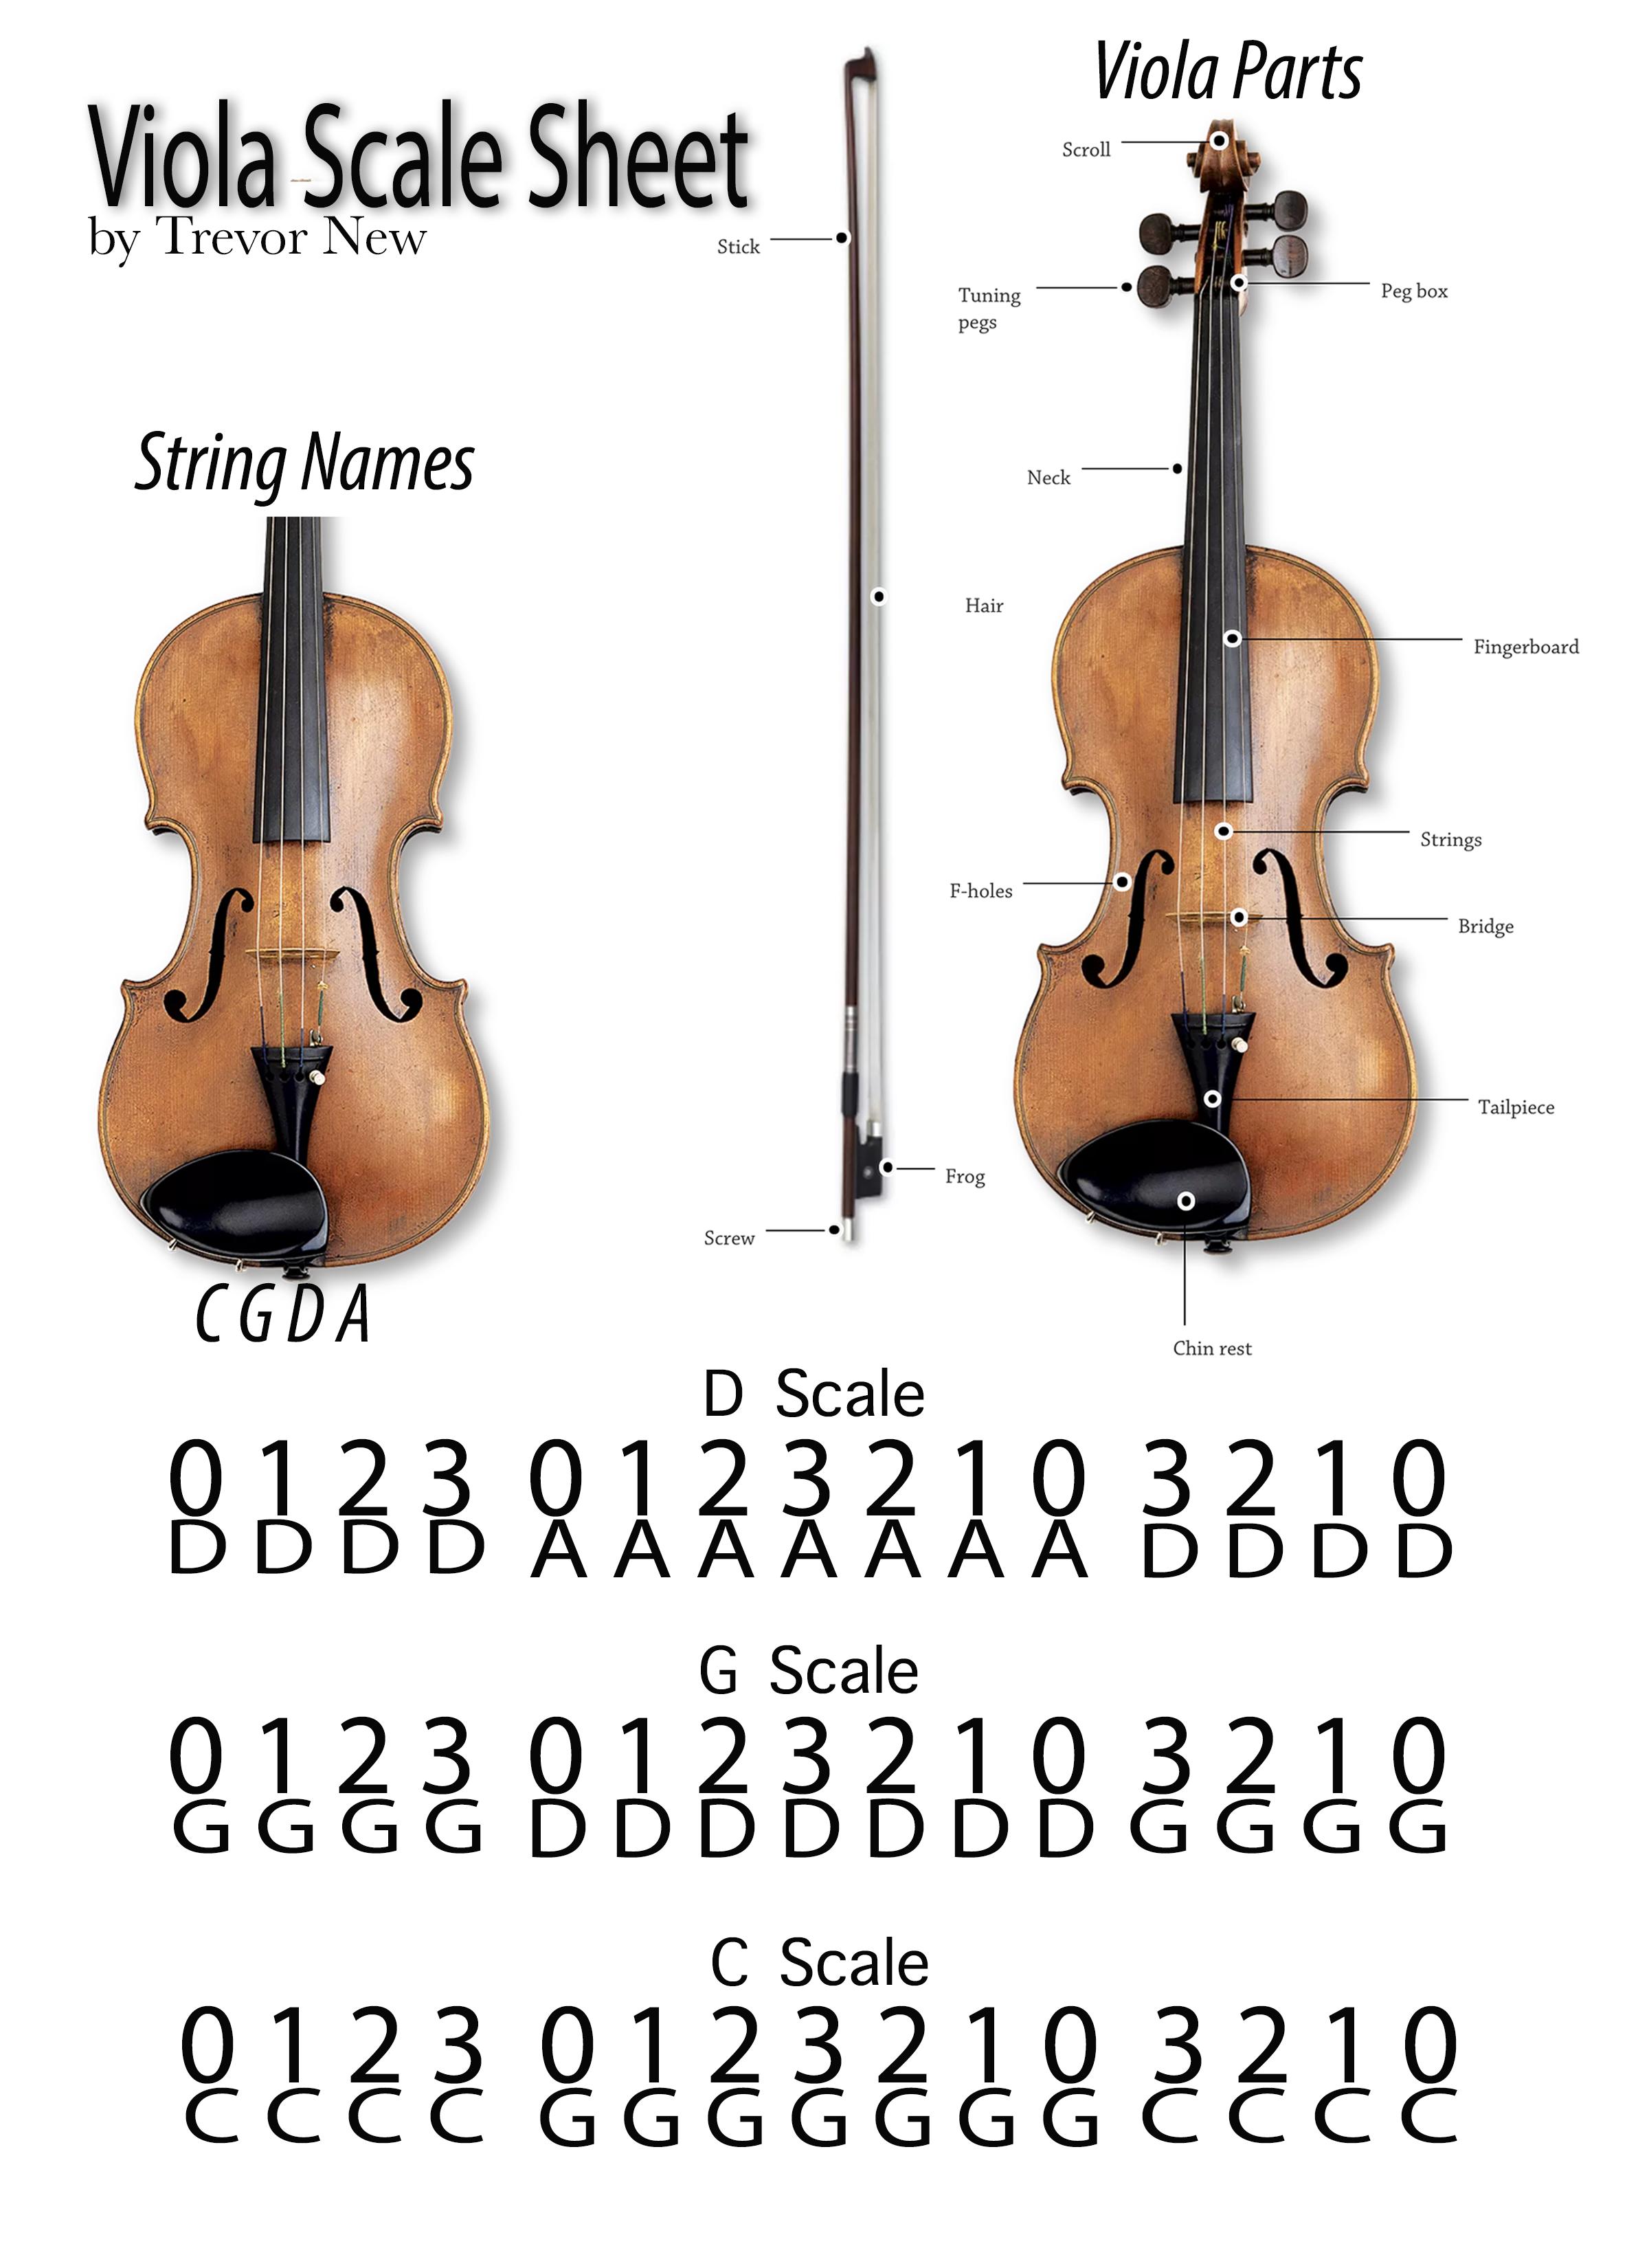 Viola Scale Sheet v1 .png